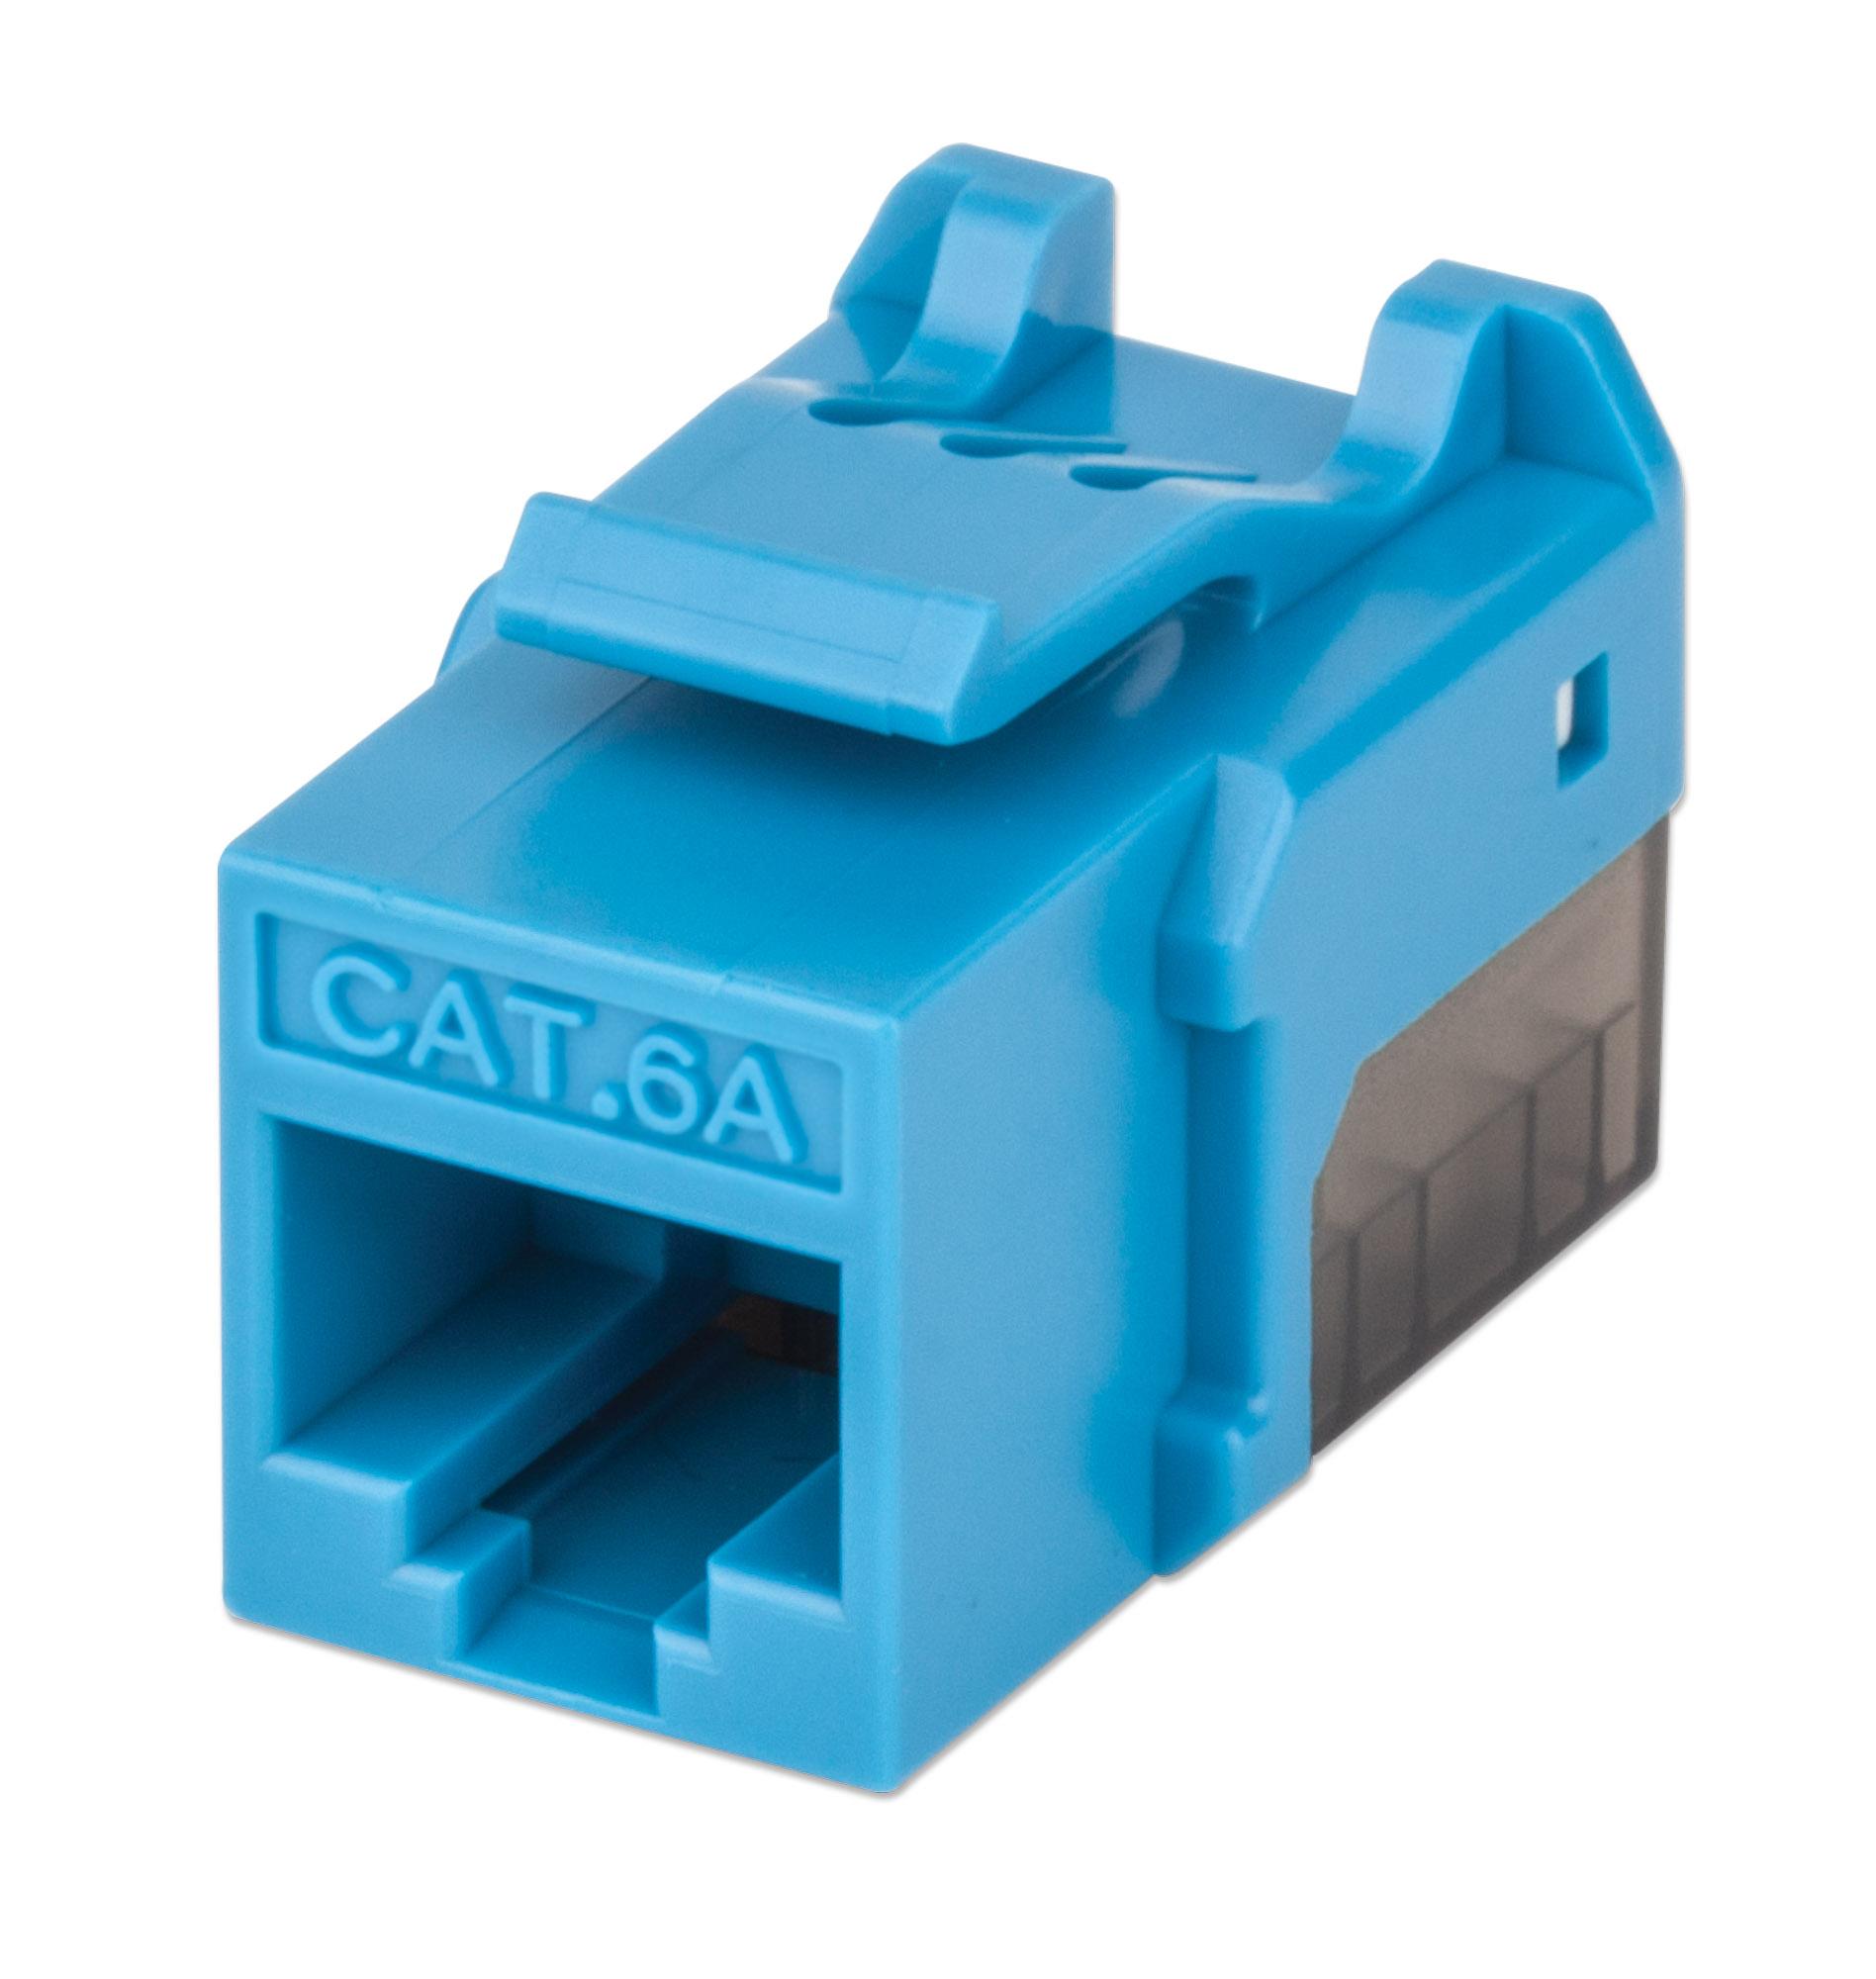 FastPunch Cat6a Keystone Jack